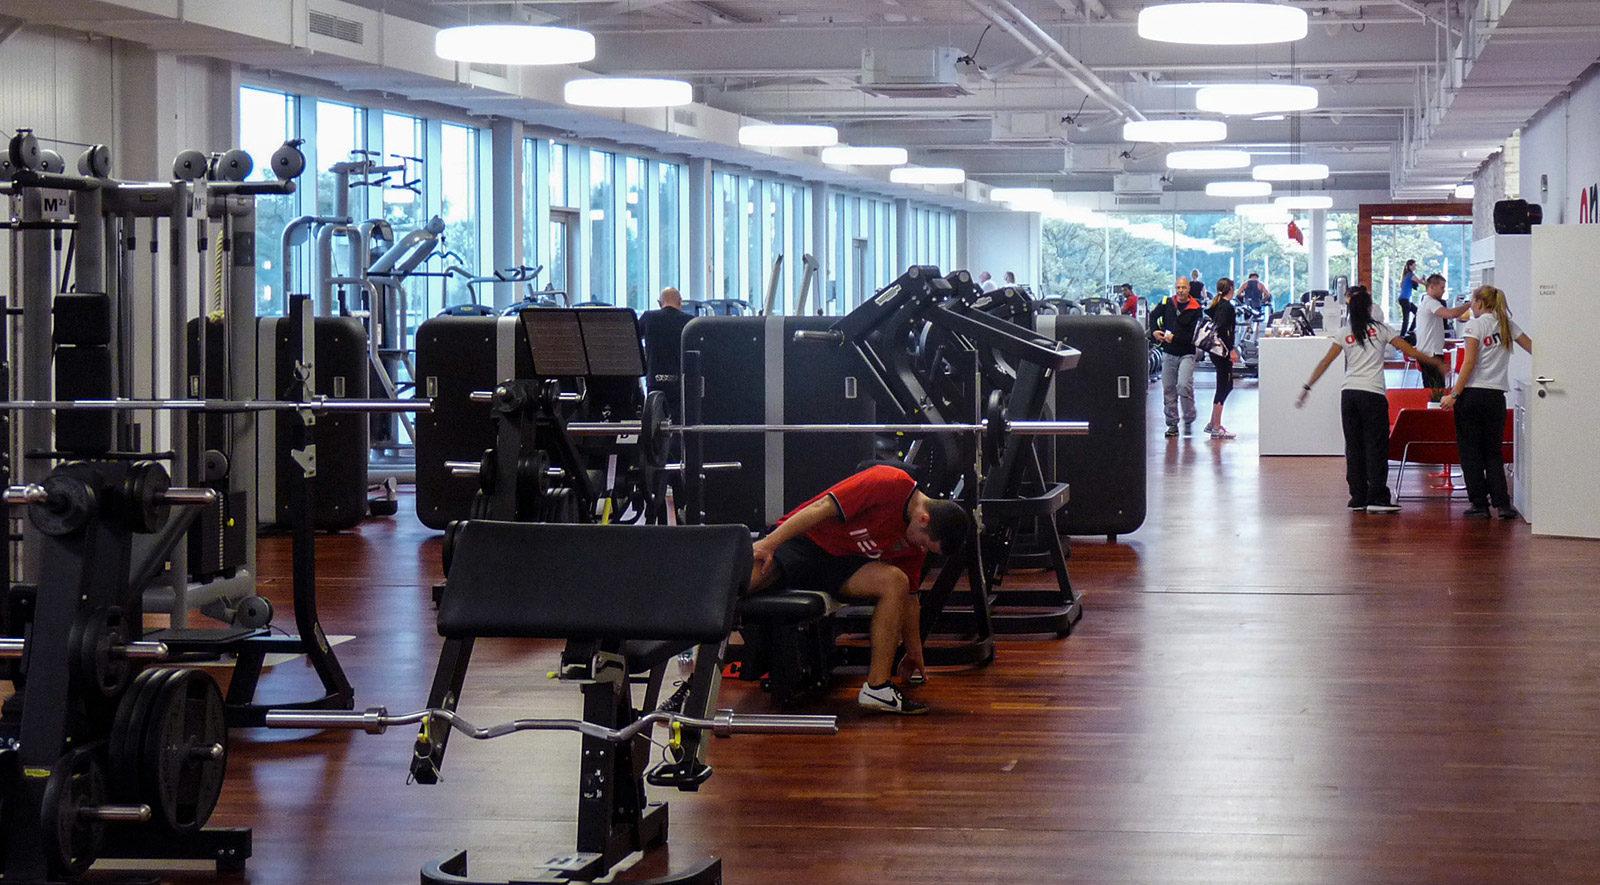 Fitnesscenter One